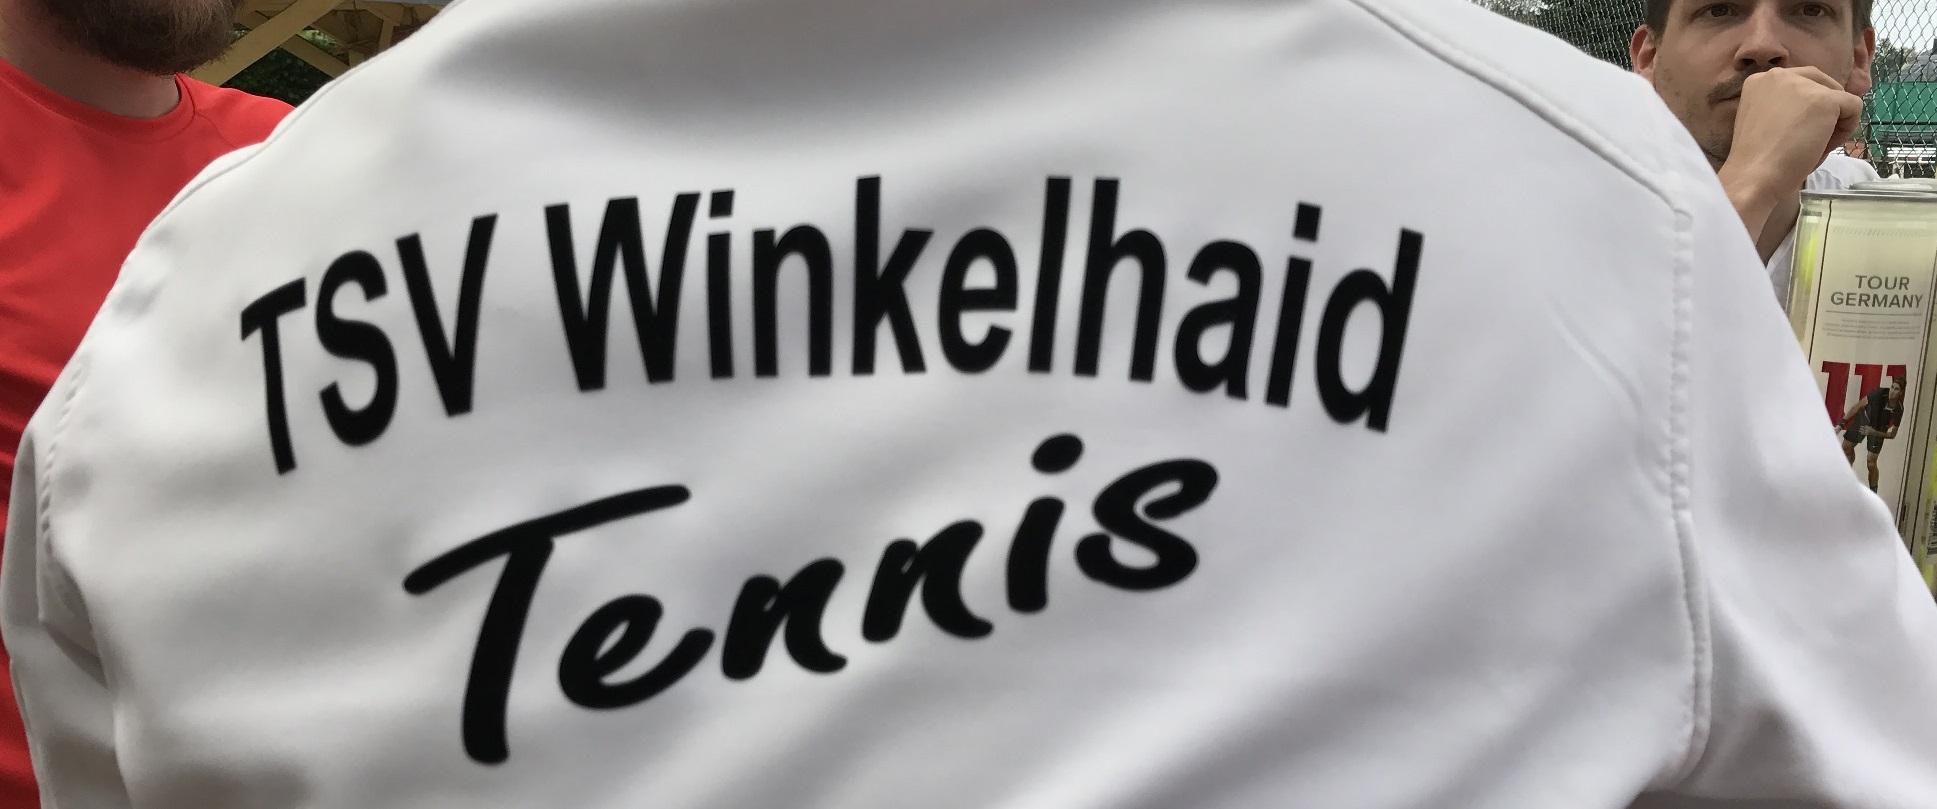 Rücken Tennisjacke